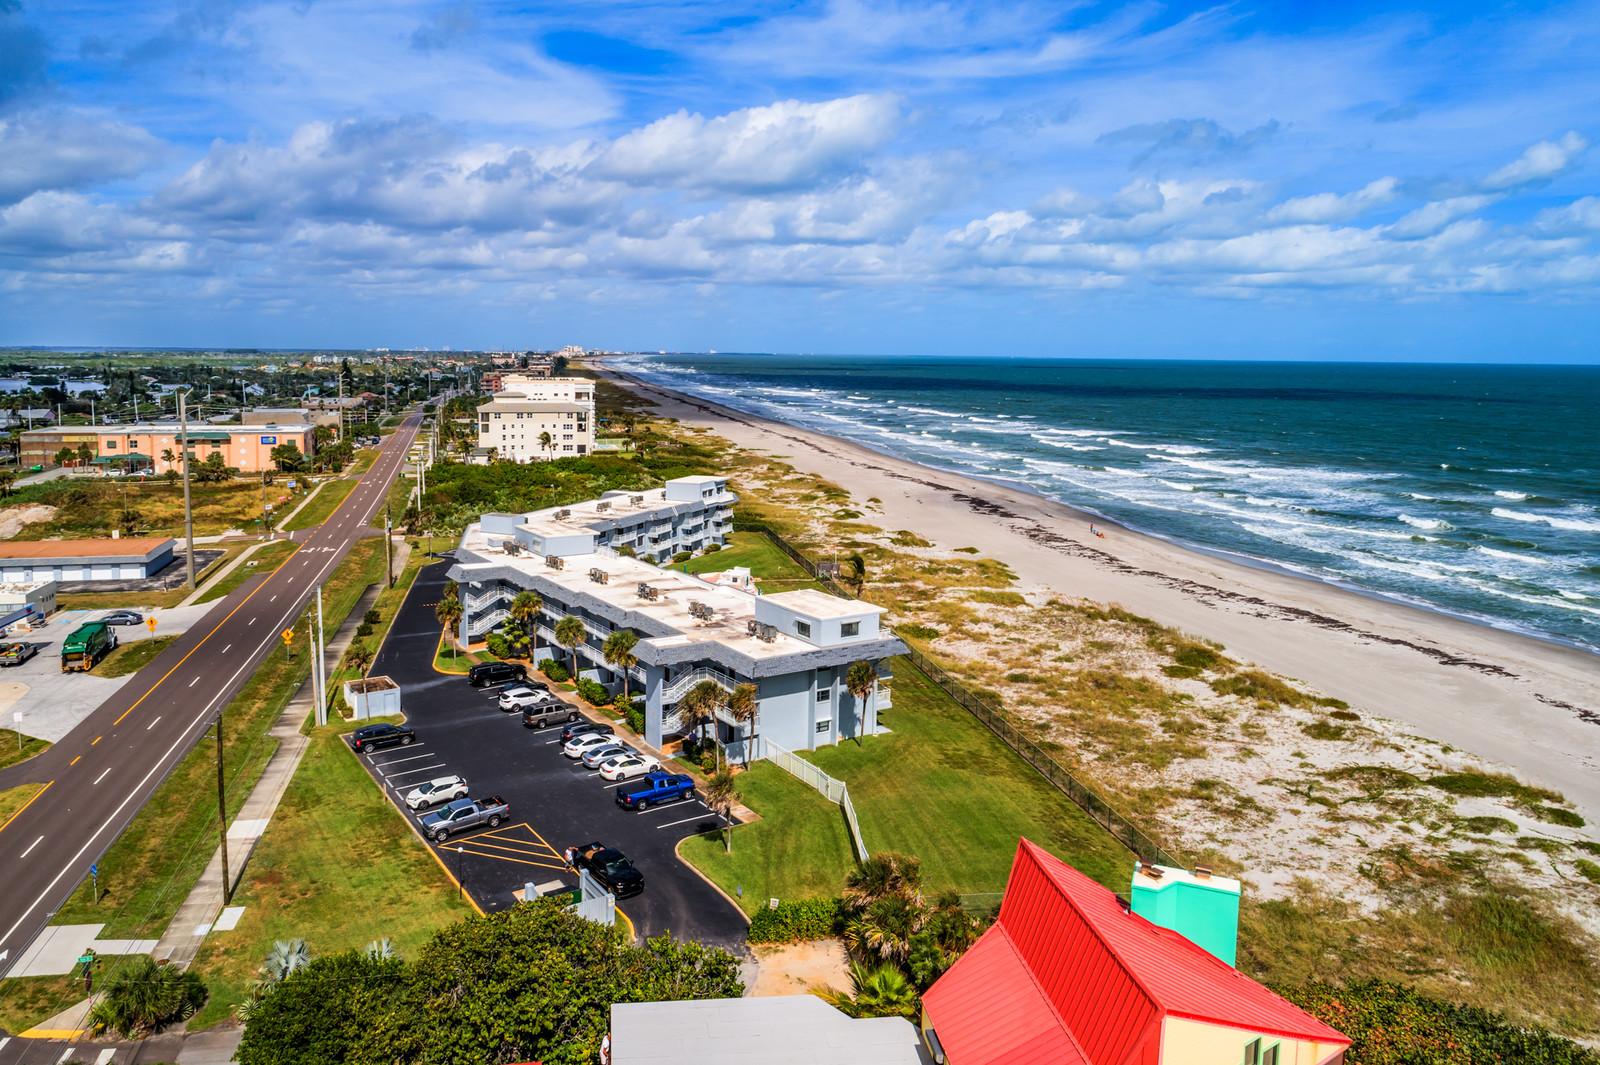 Marko Villas Cocoa Beach FL